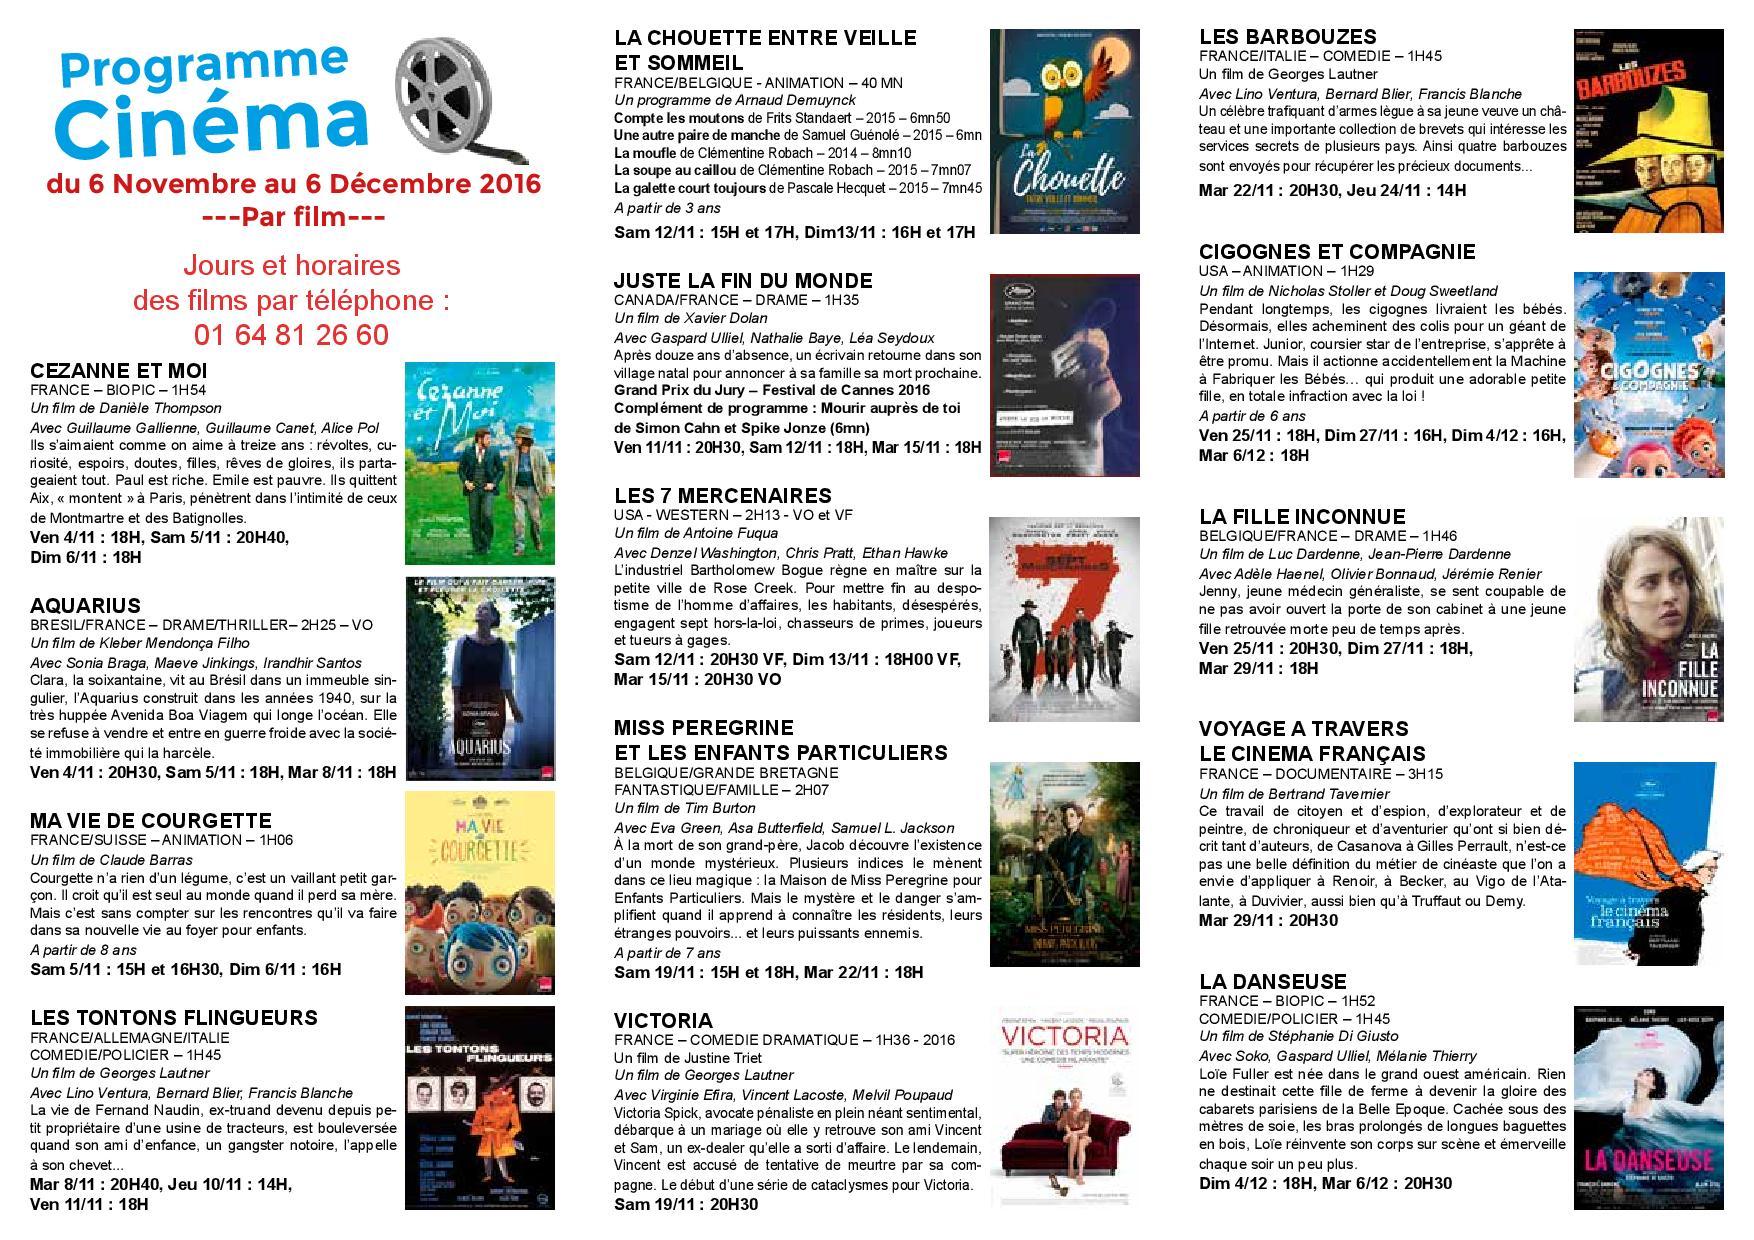 Programme Cinéma Novembre-Décembre 2016